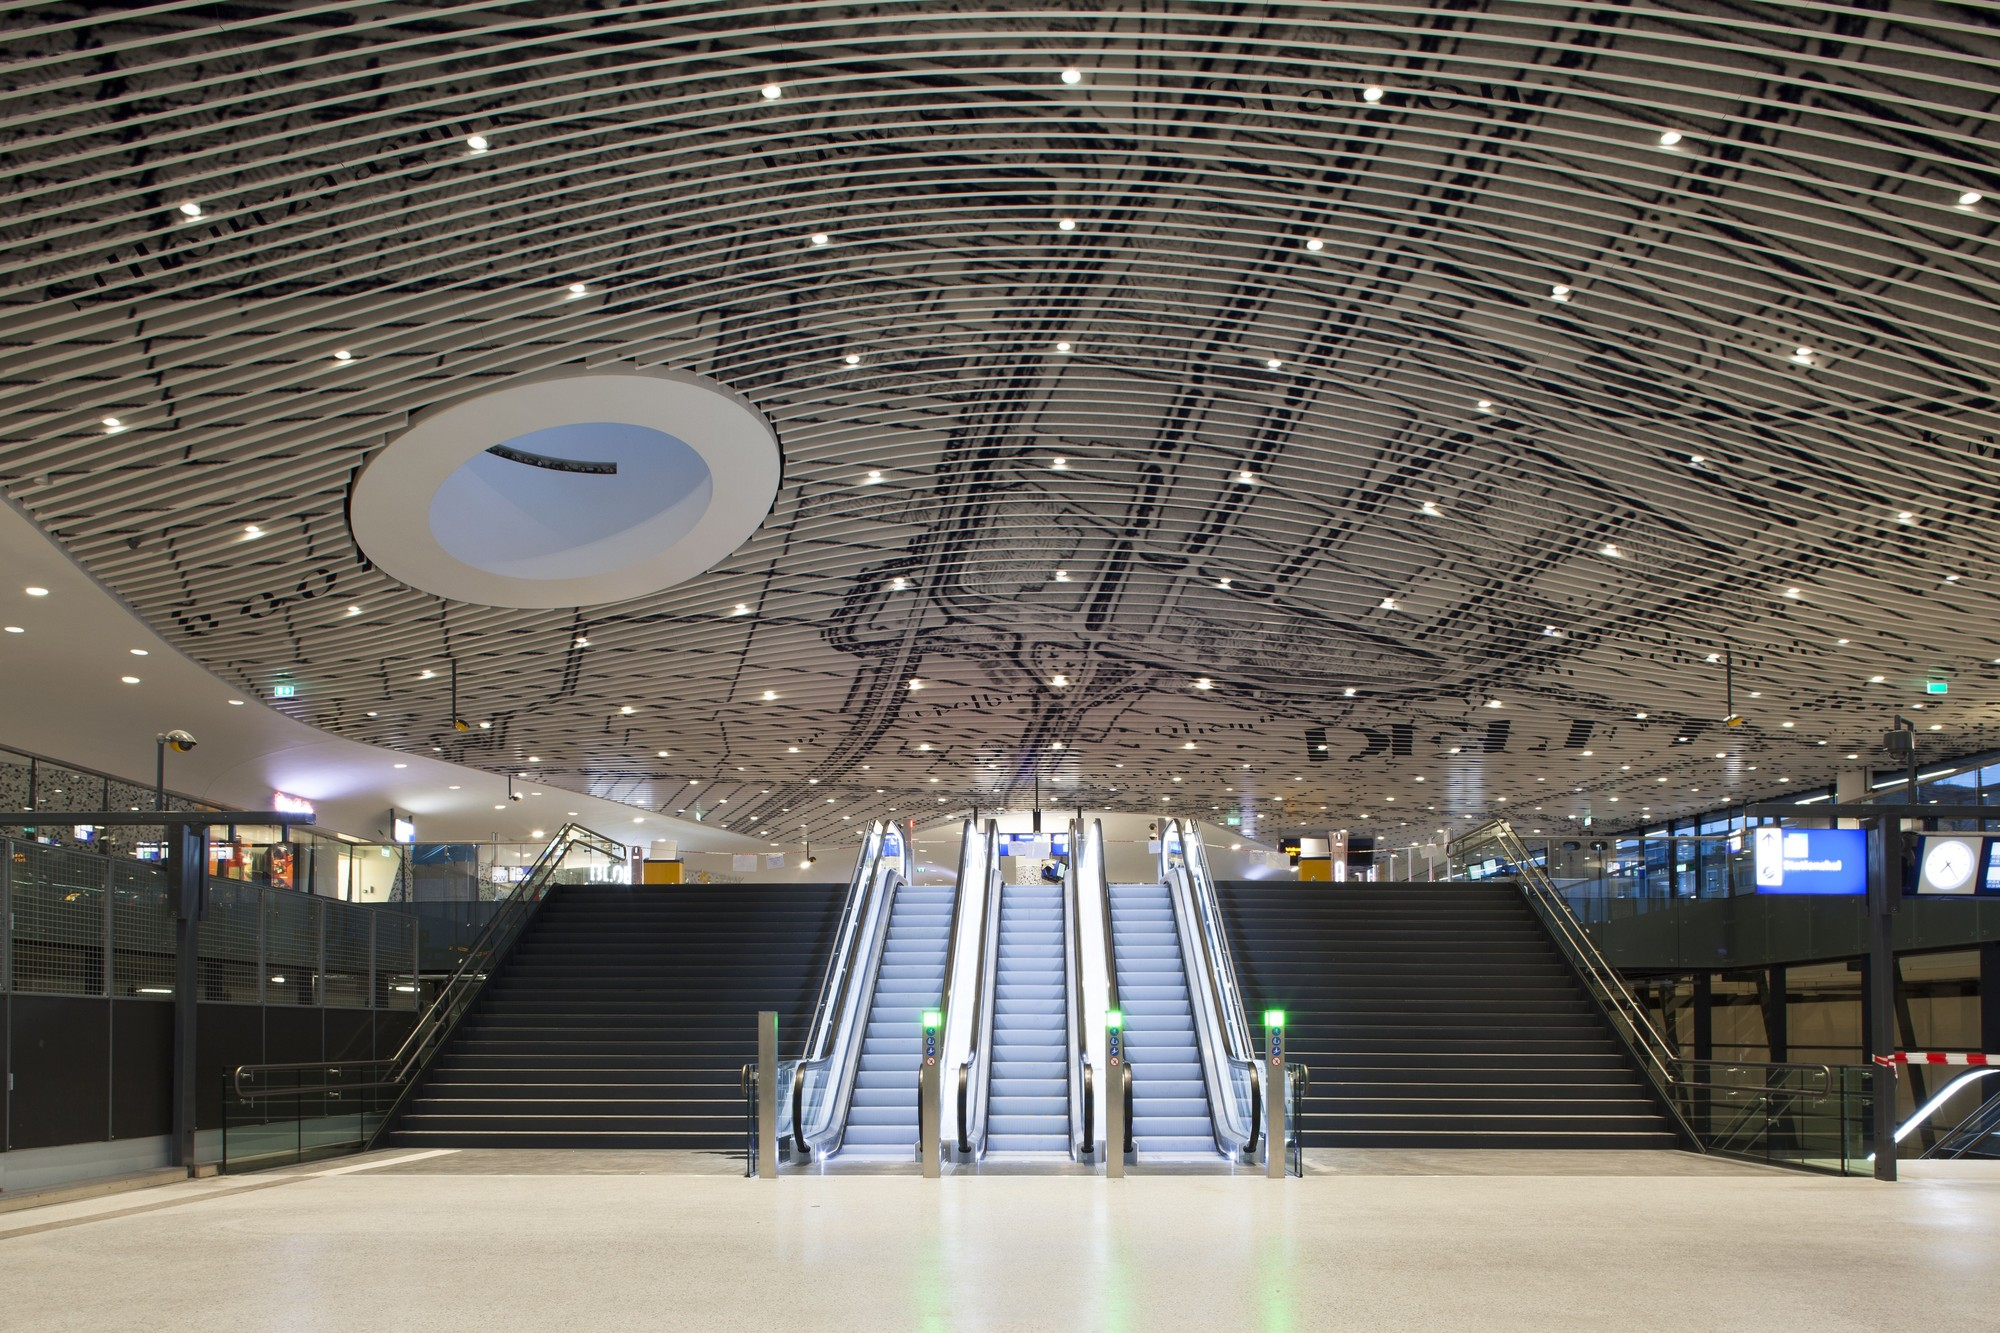 """Se abre a todo público la nueva estación de trenes diseñada por Mecanoo para Delft, Acceso al vestíbulo """"abovedado"""" de la estación. Imagen © Mecanoo"""